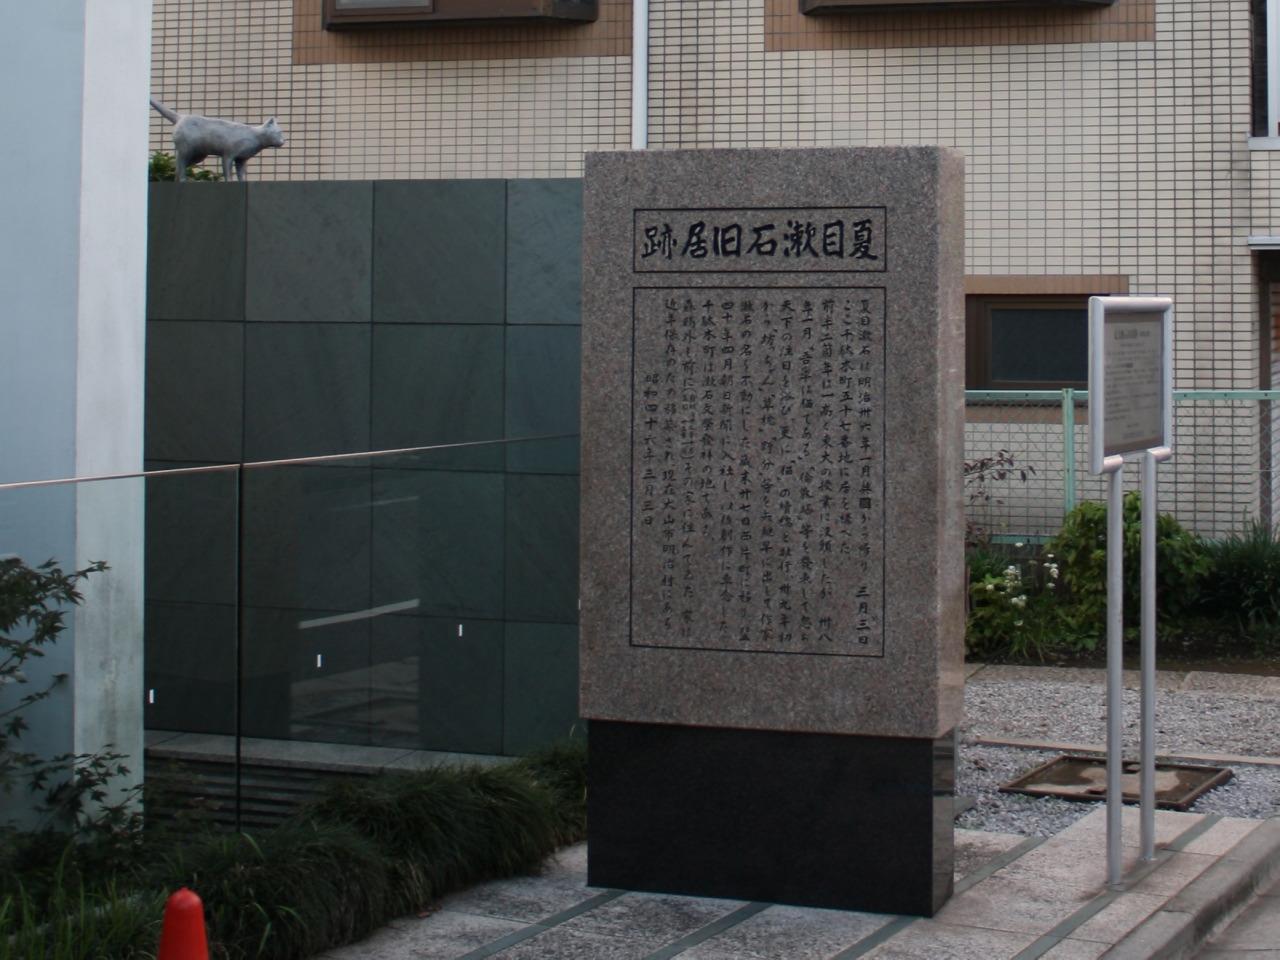 文京区指定史跡・夏目漱石旧居跡